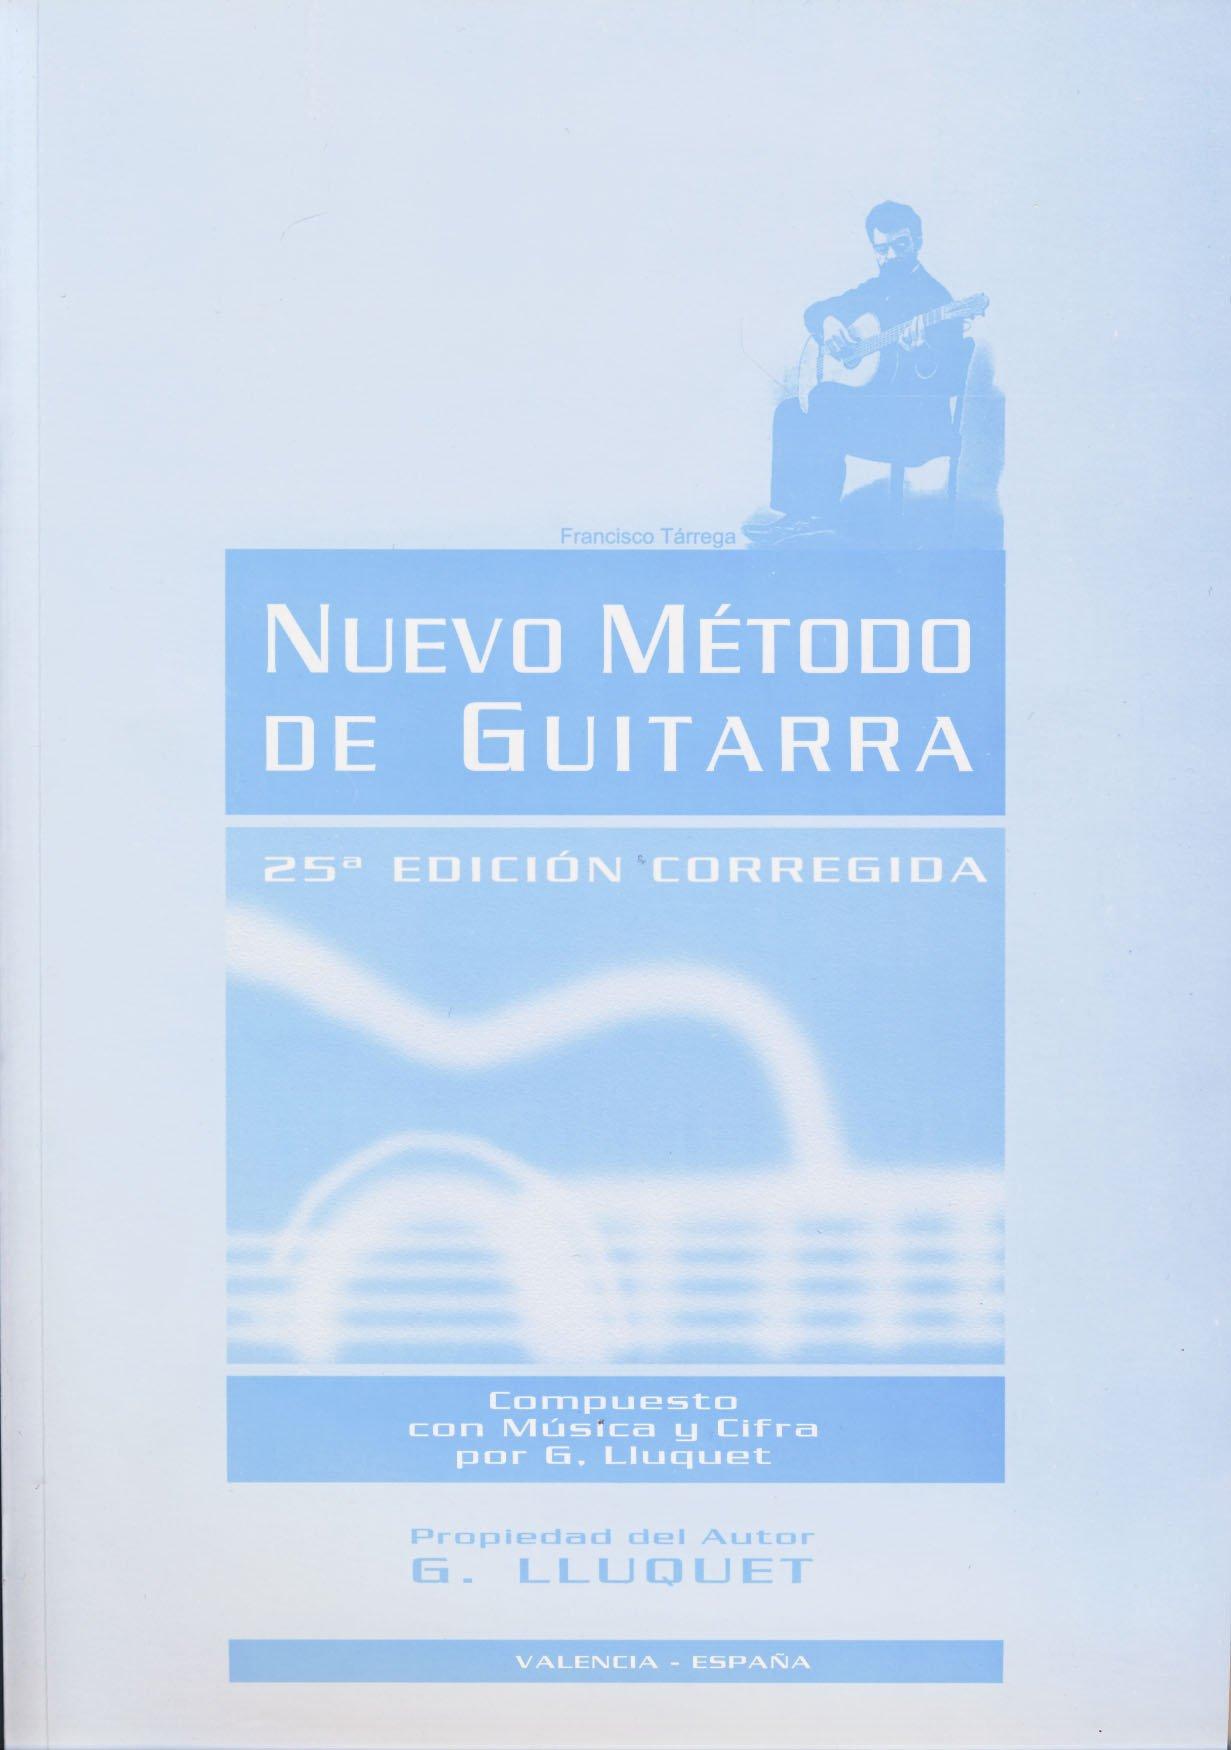 LLUQUET - Nuevo Metodo de Guitarra Compuesto con Musica y Cifra ...